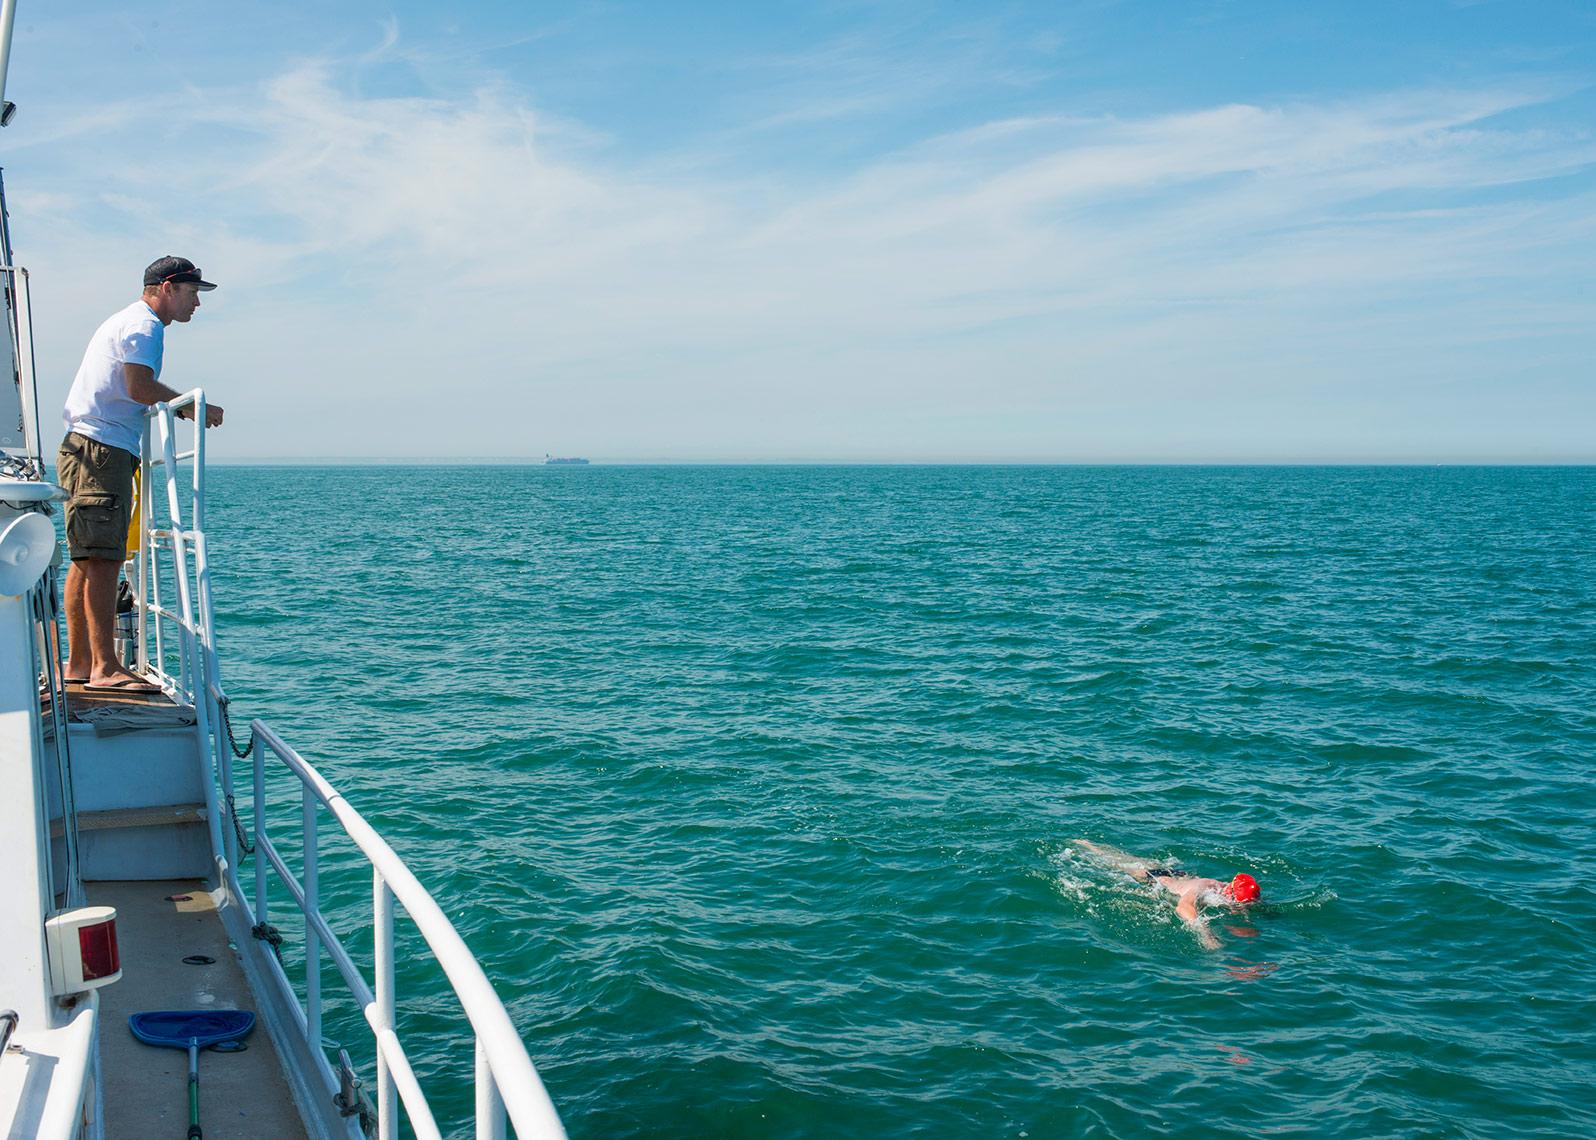 Don-RIddington-tides.jpg